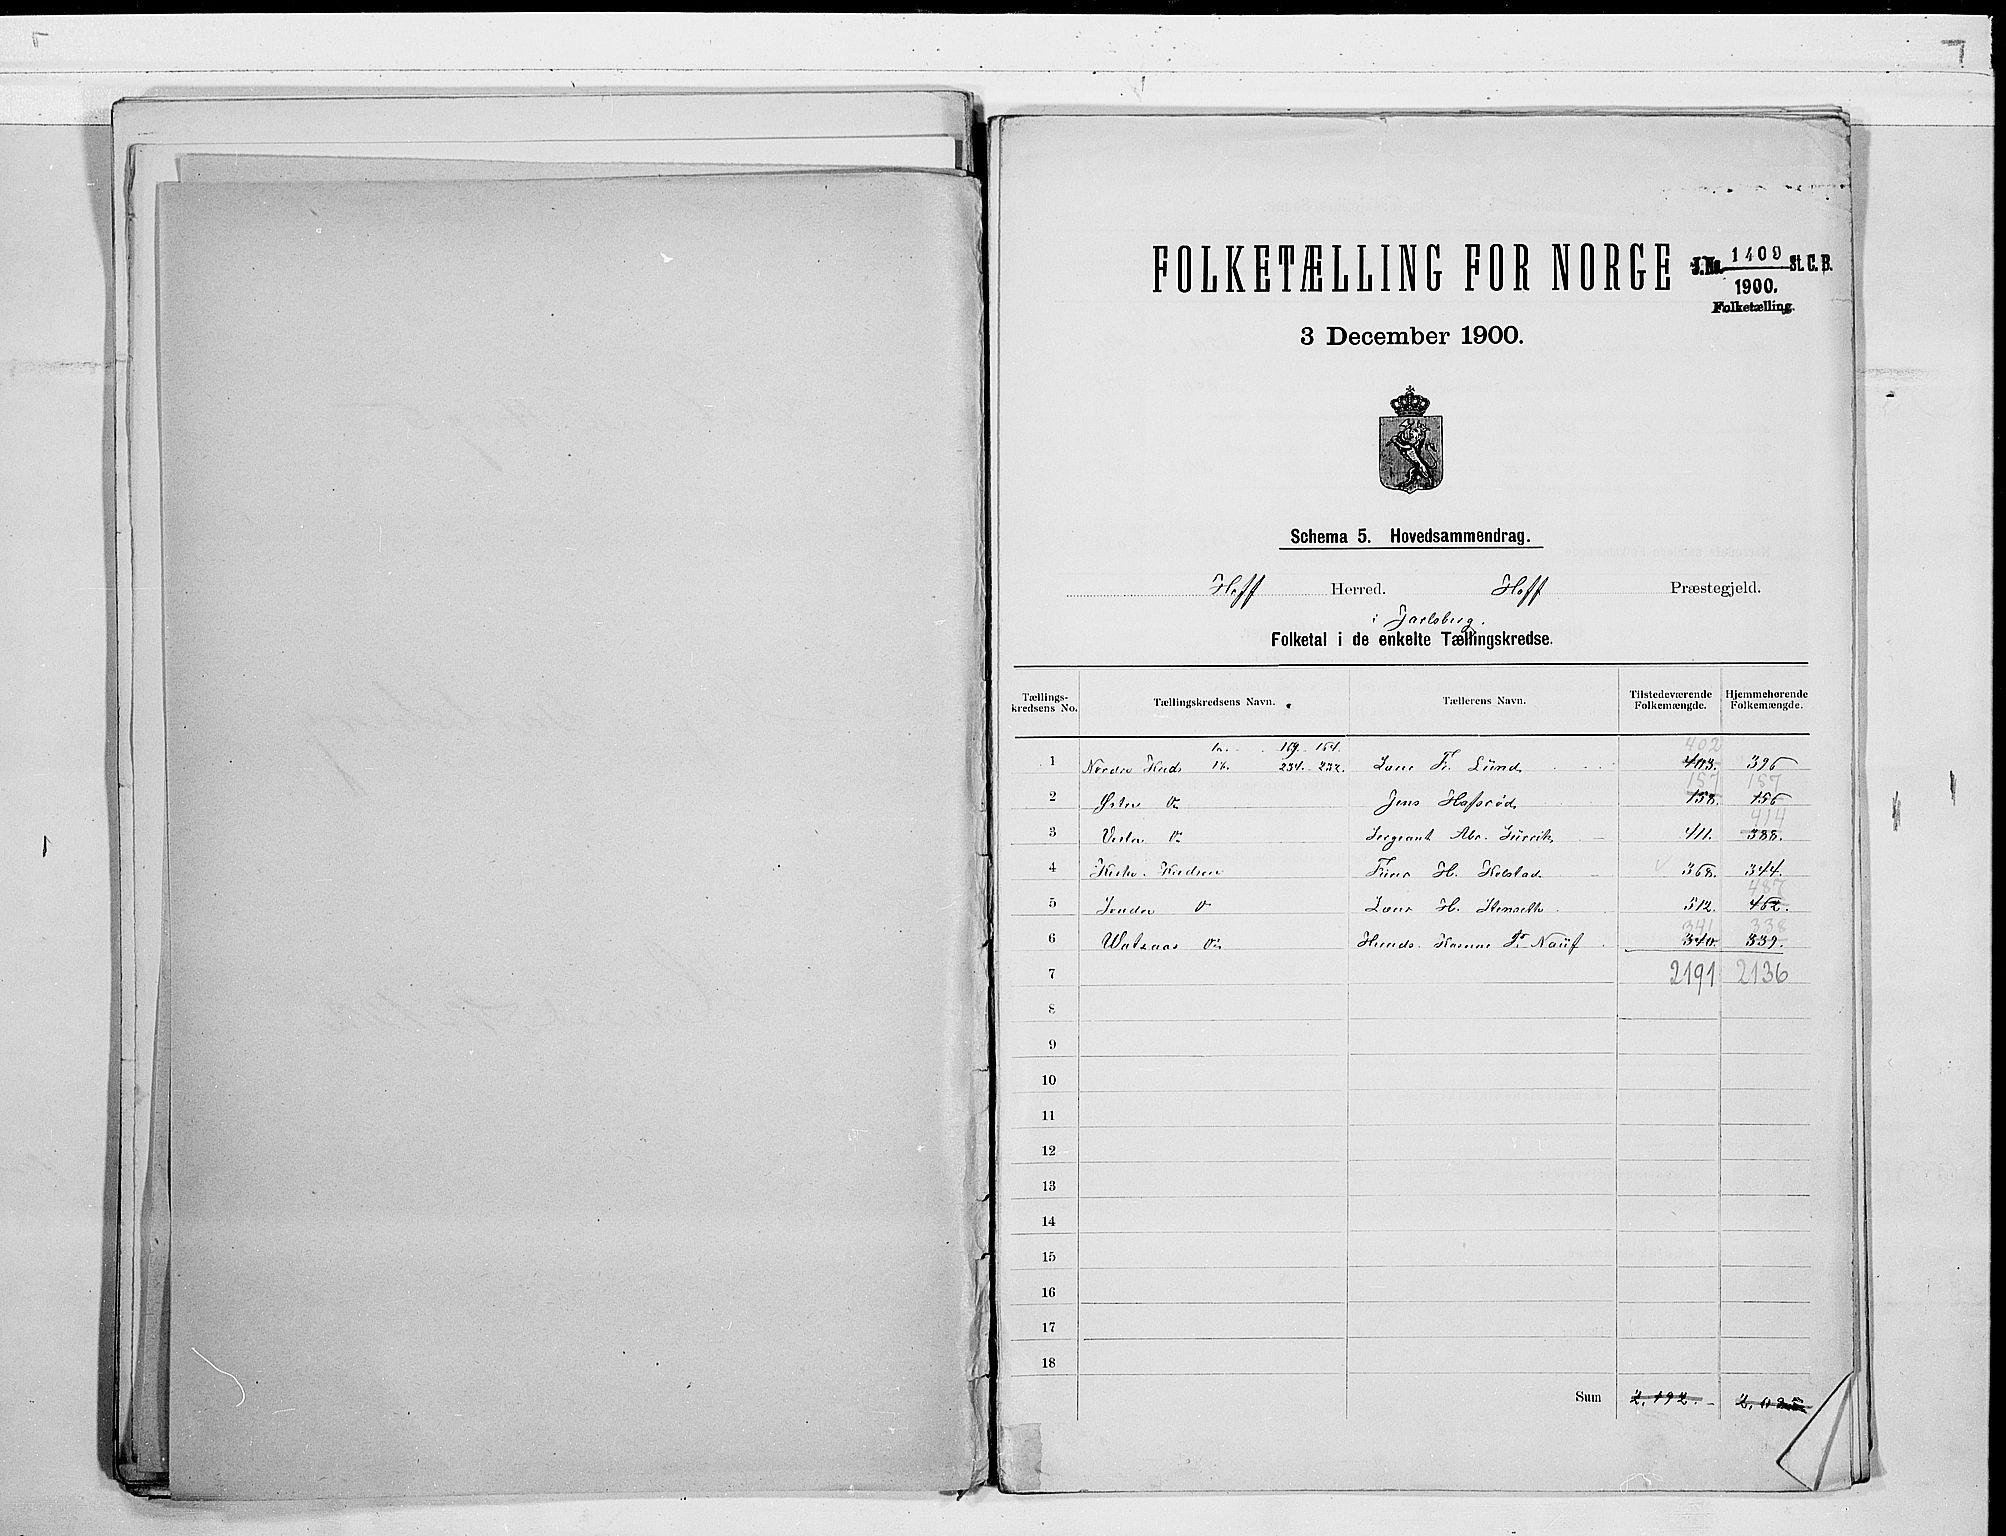 RA, Folketelling 1900 for 0714 Hof herred, 1900, s. 2